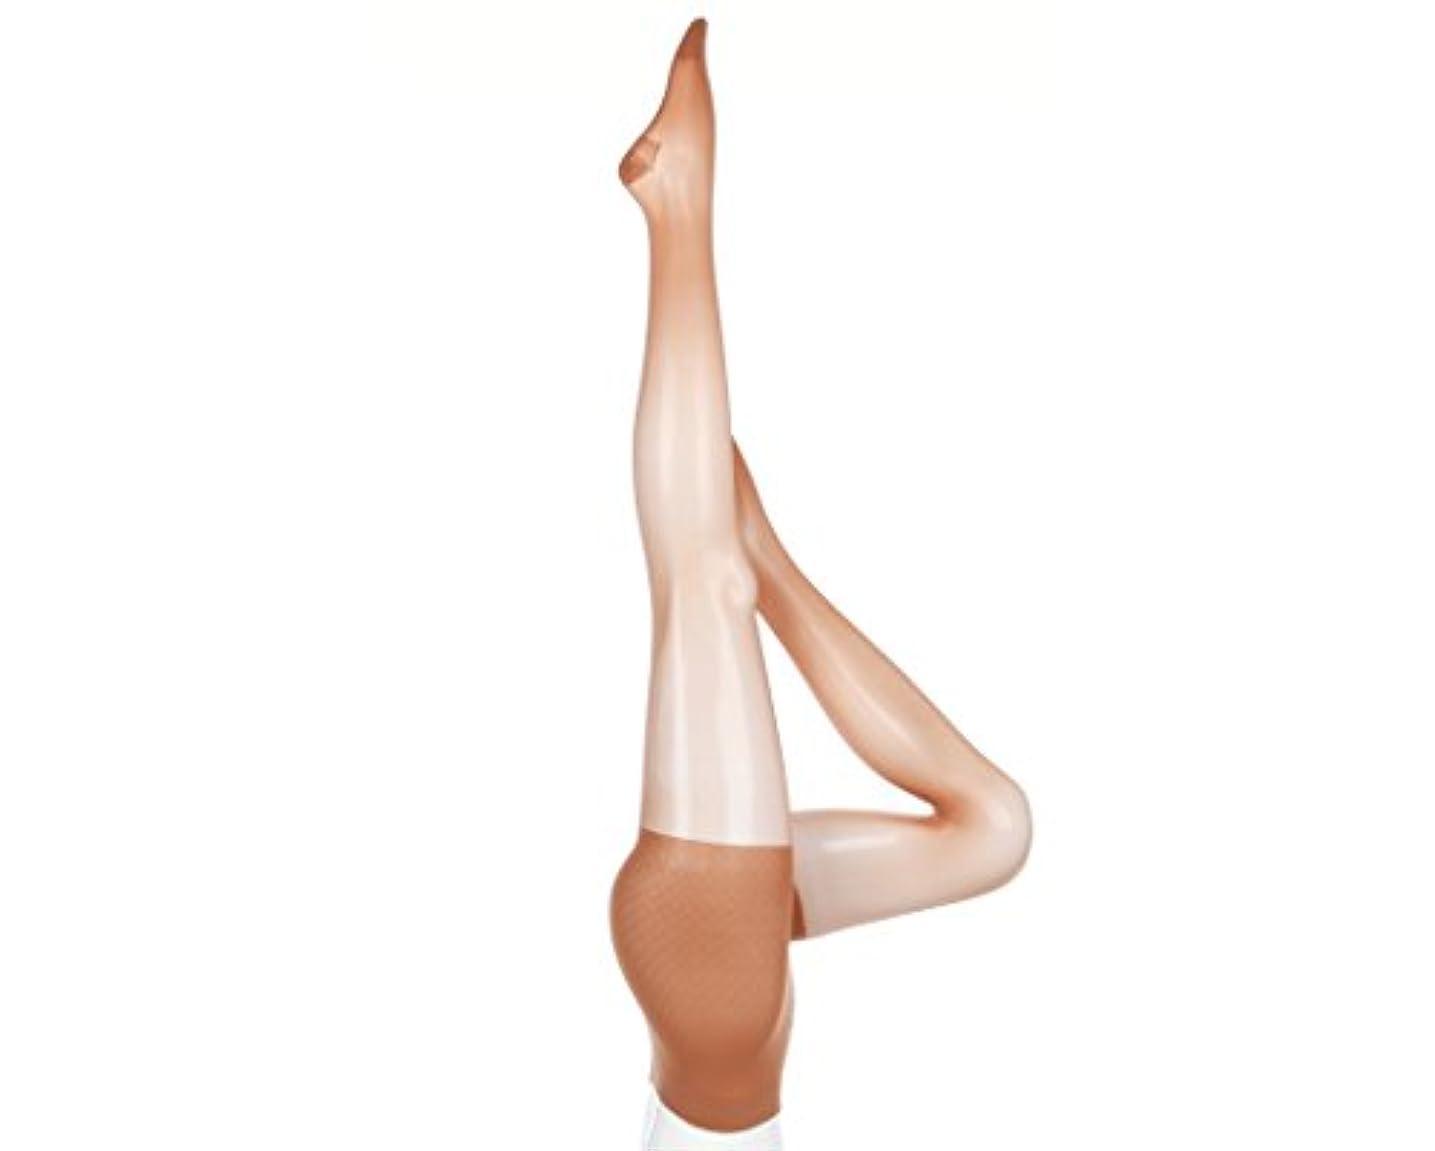 キャンペーン経済的警察署Mediven Sheer & Soft 30-40 mmHg Closed Toe Maternity Pantyhose Size: Size VII (7) PETITE, Color: Natural (0) by...